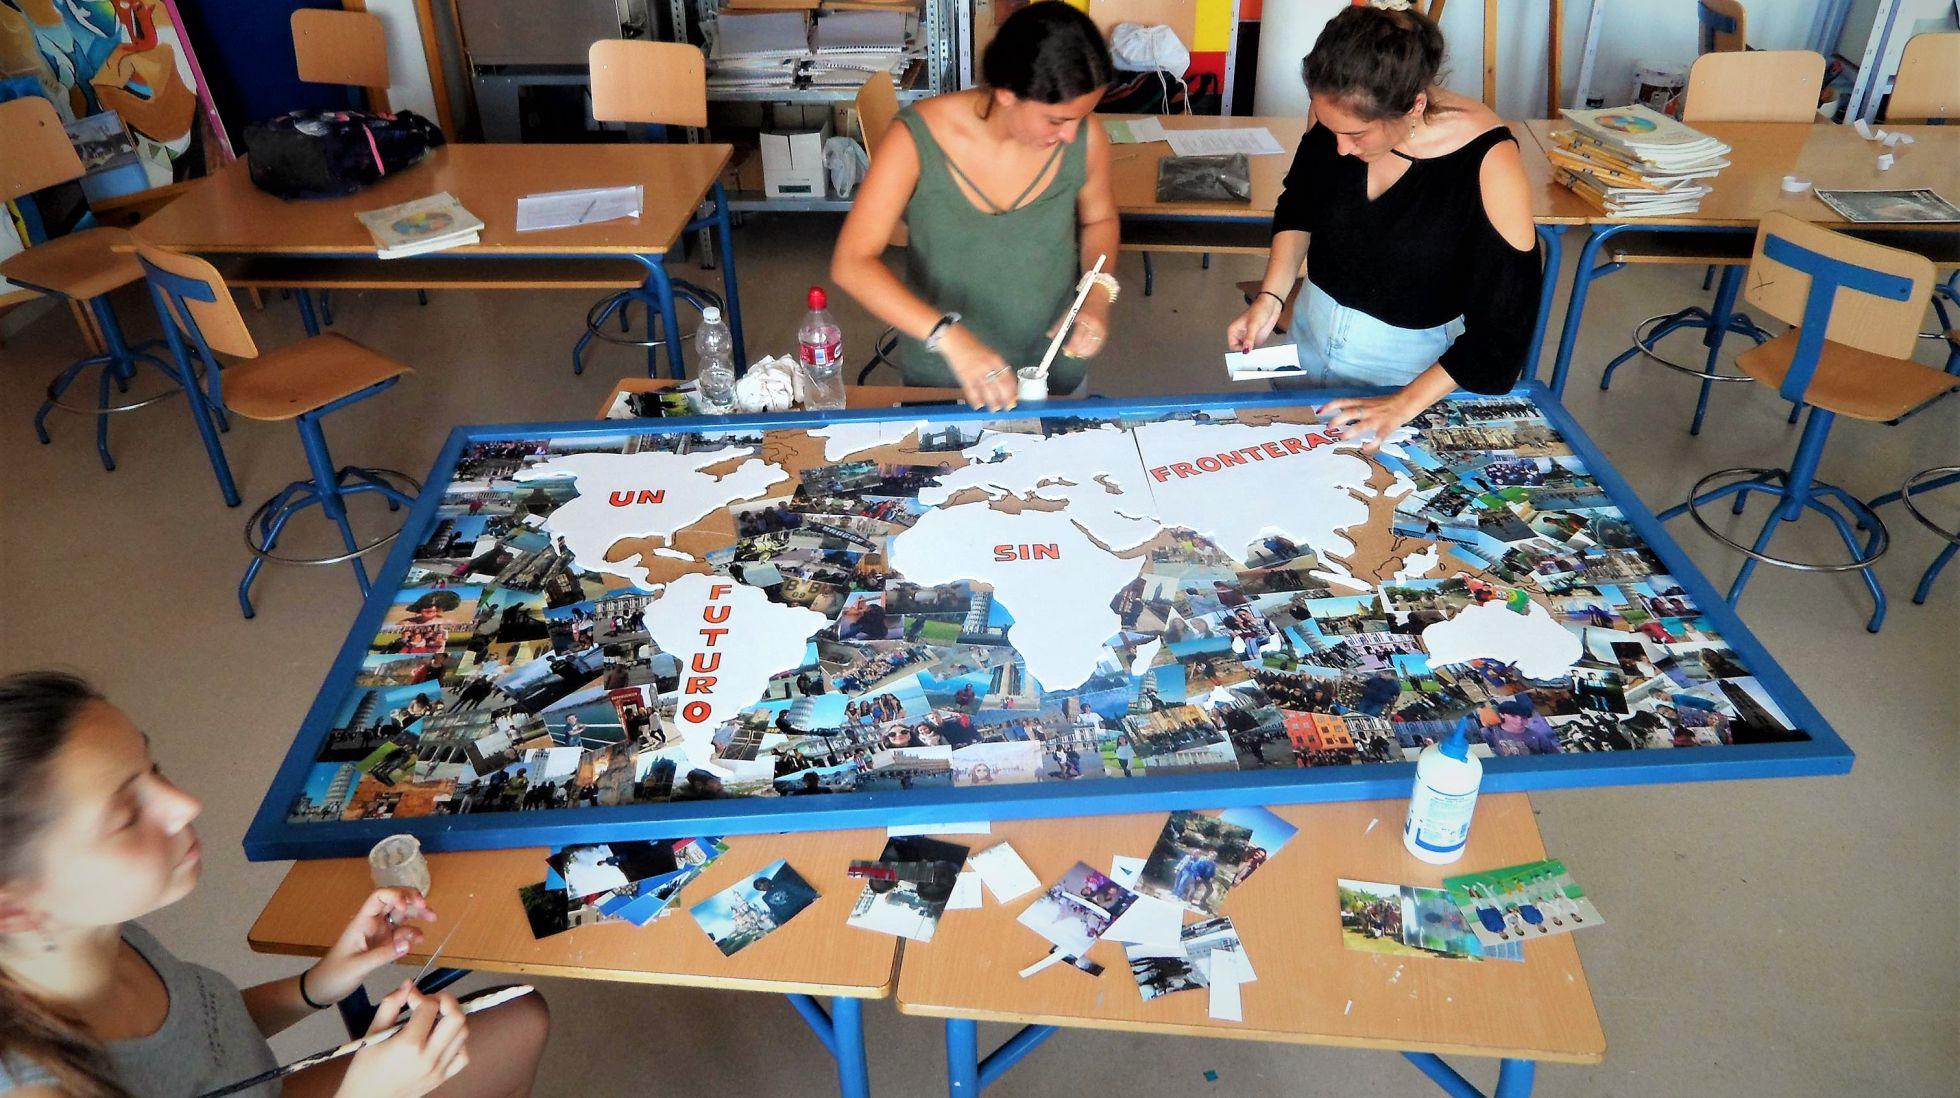 'Mapamundi de itacenses por el mundo' | Mª EUGENIA PÉREZ, IES 'ÍTACA'